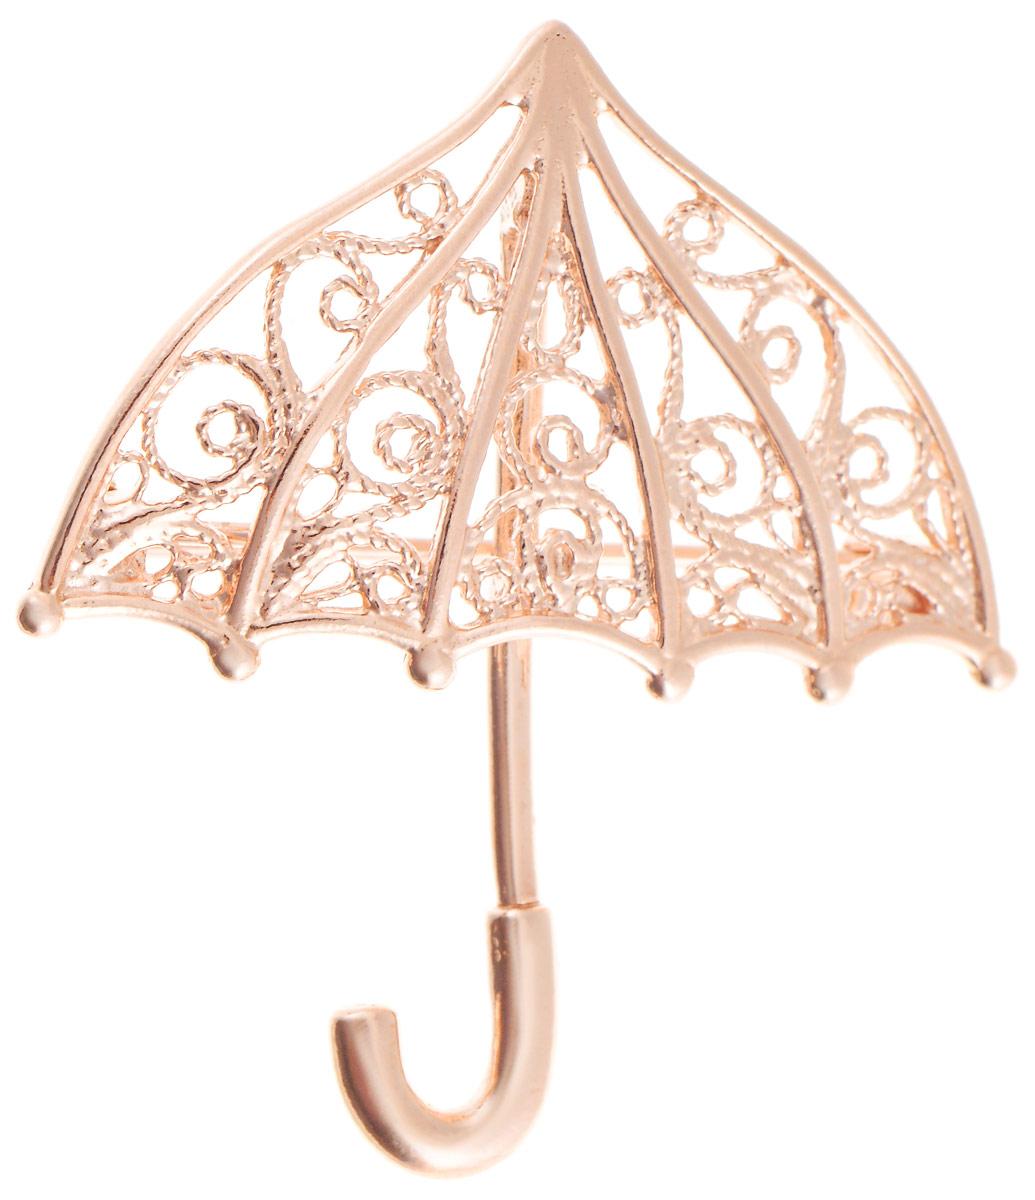 Брошь Vittorio Richi, цвет: золотистый. 91557702vr91557702vrБрошь Vittorio Richi изготовлена из металла с гальваническим покрытием из золота. Декоративный элемент выполнен в виде зонта. Изделие застегивается с помощью замка-булавки.